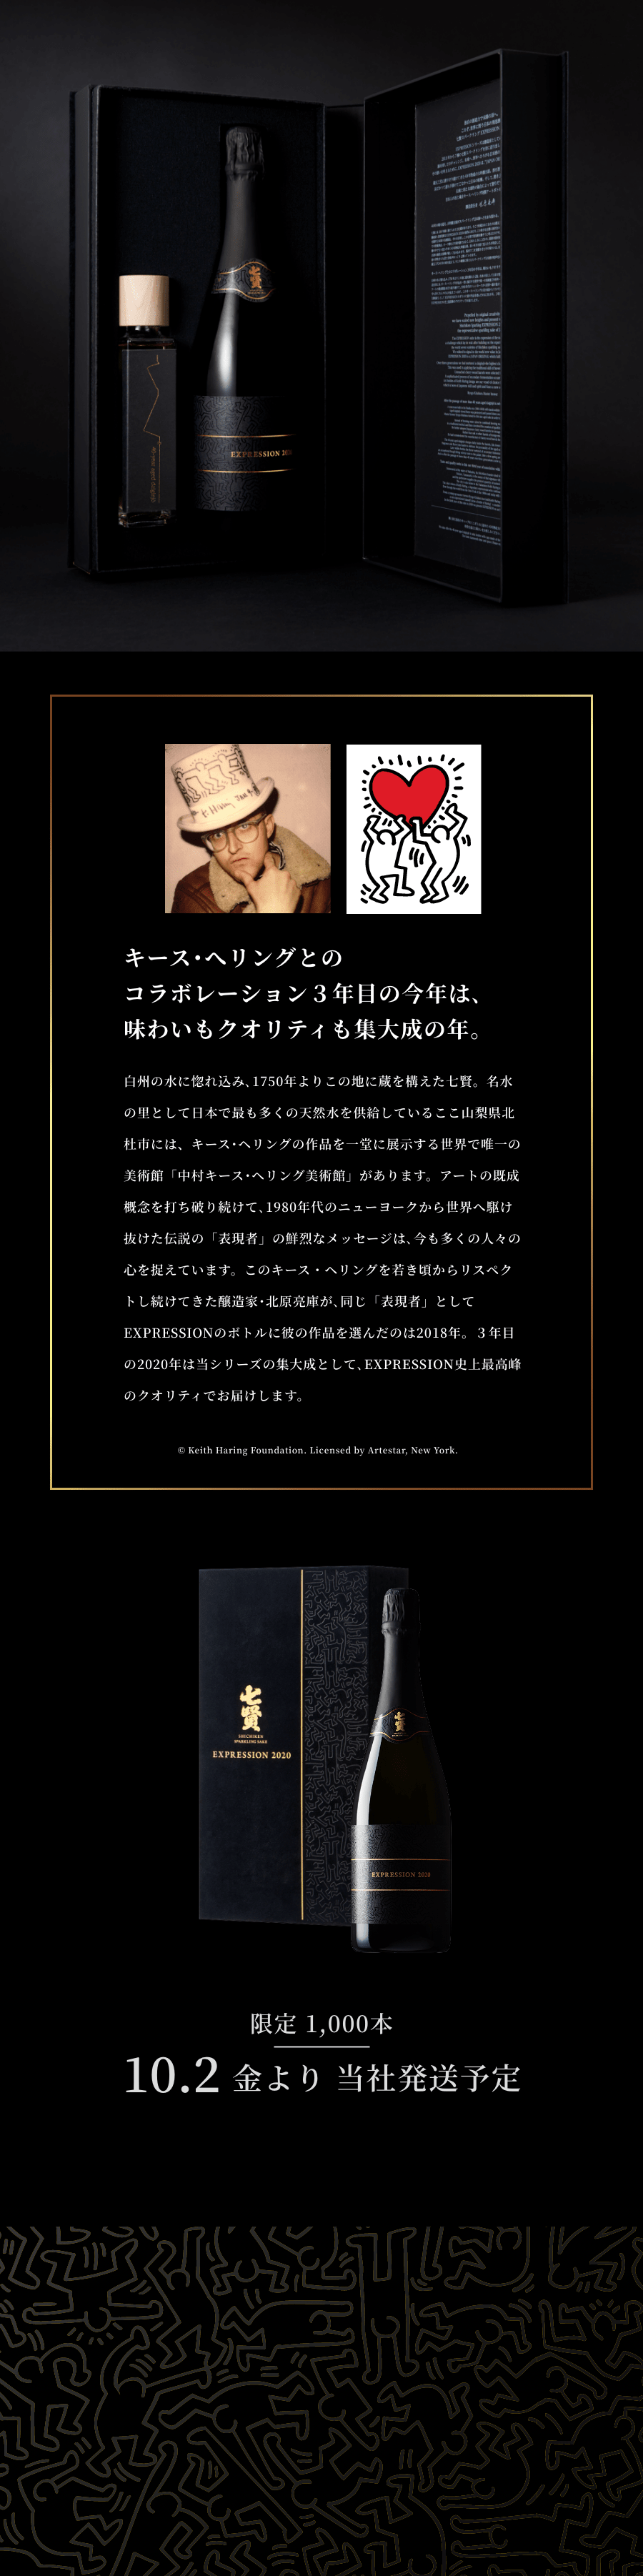 10月2日(金)発送開始